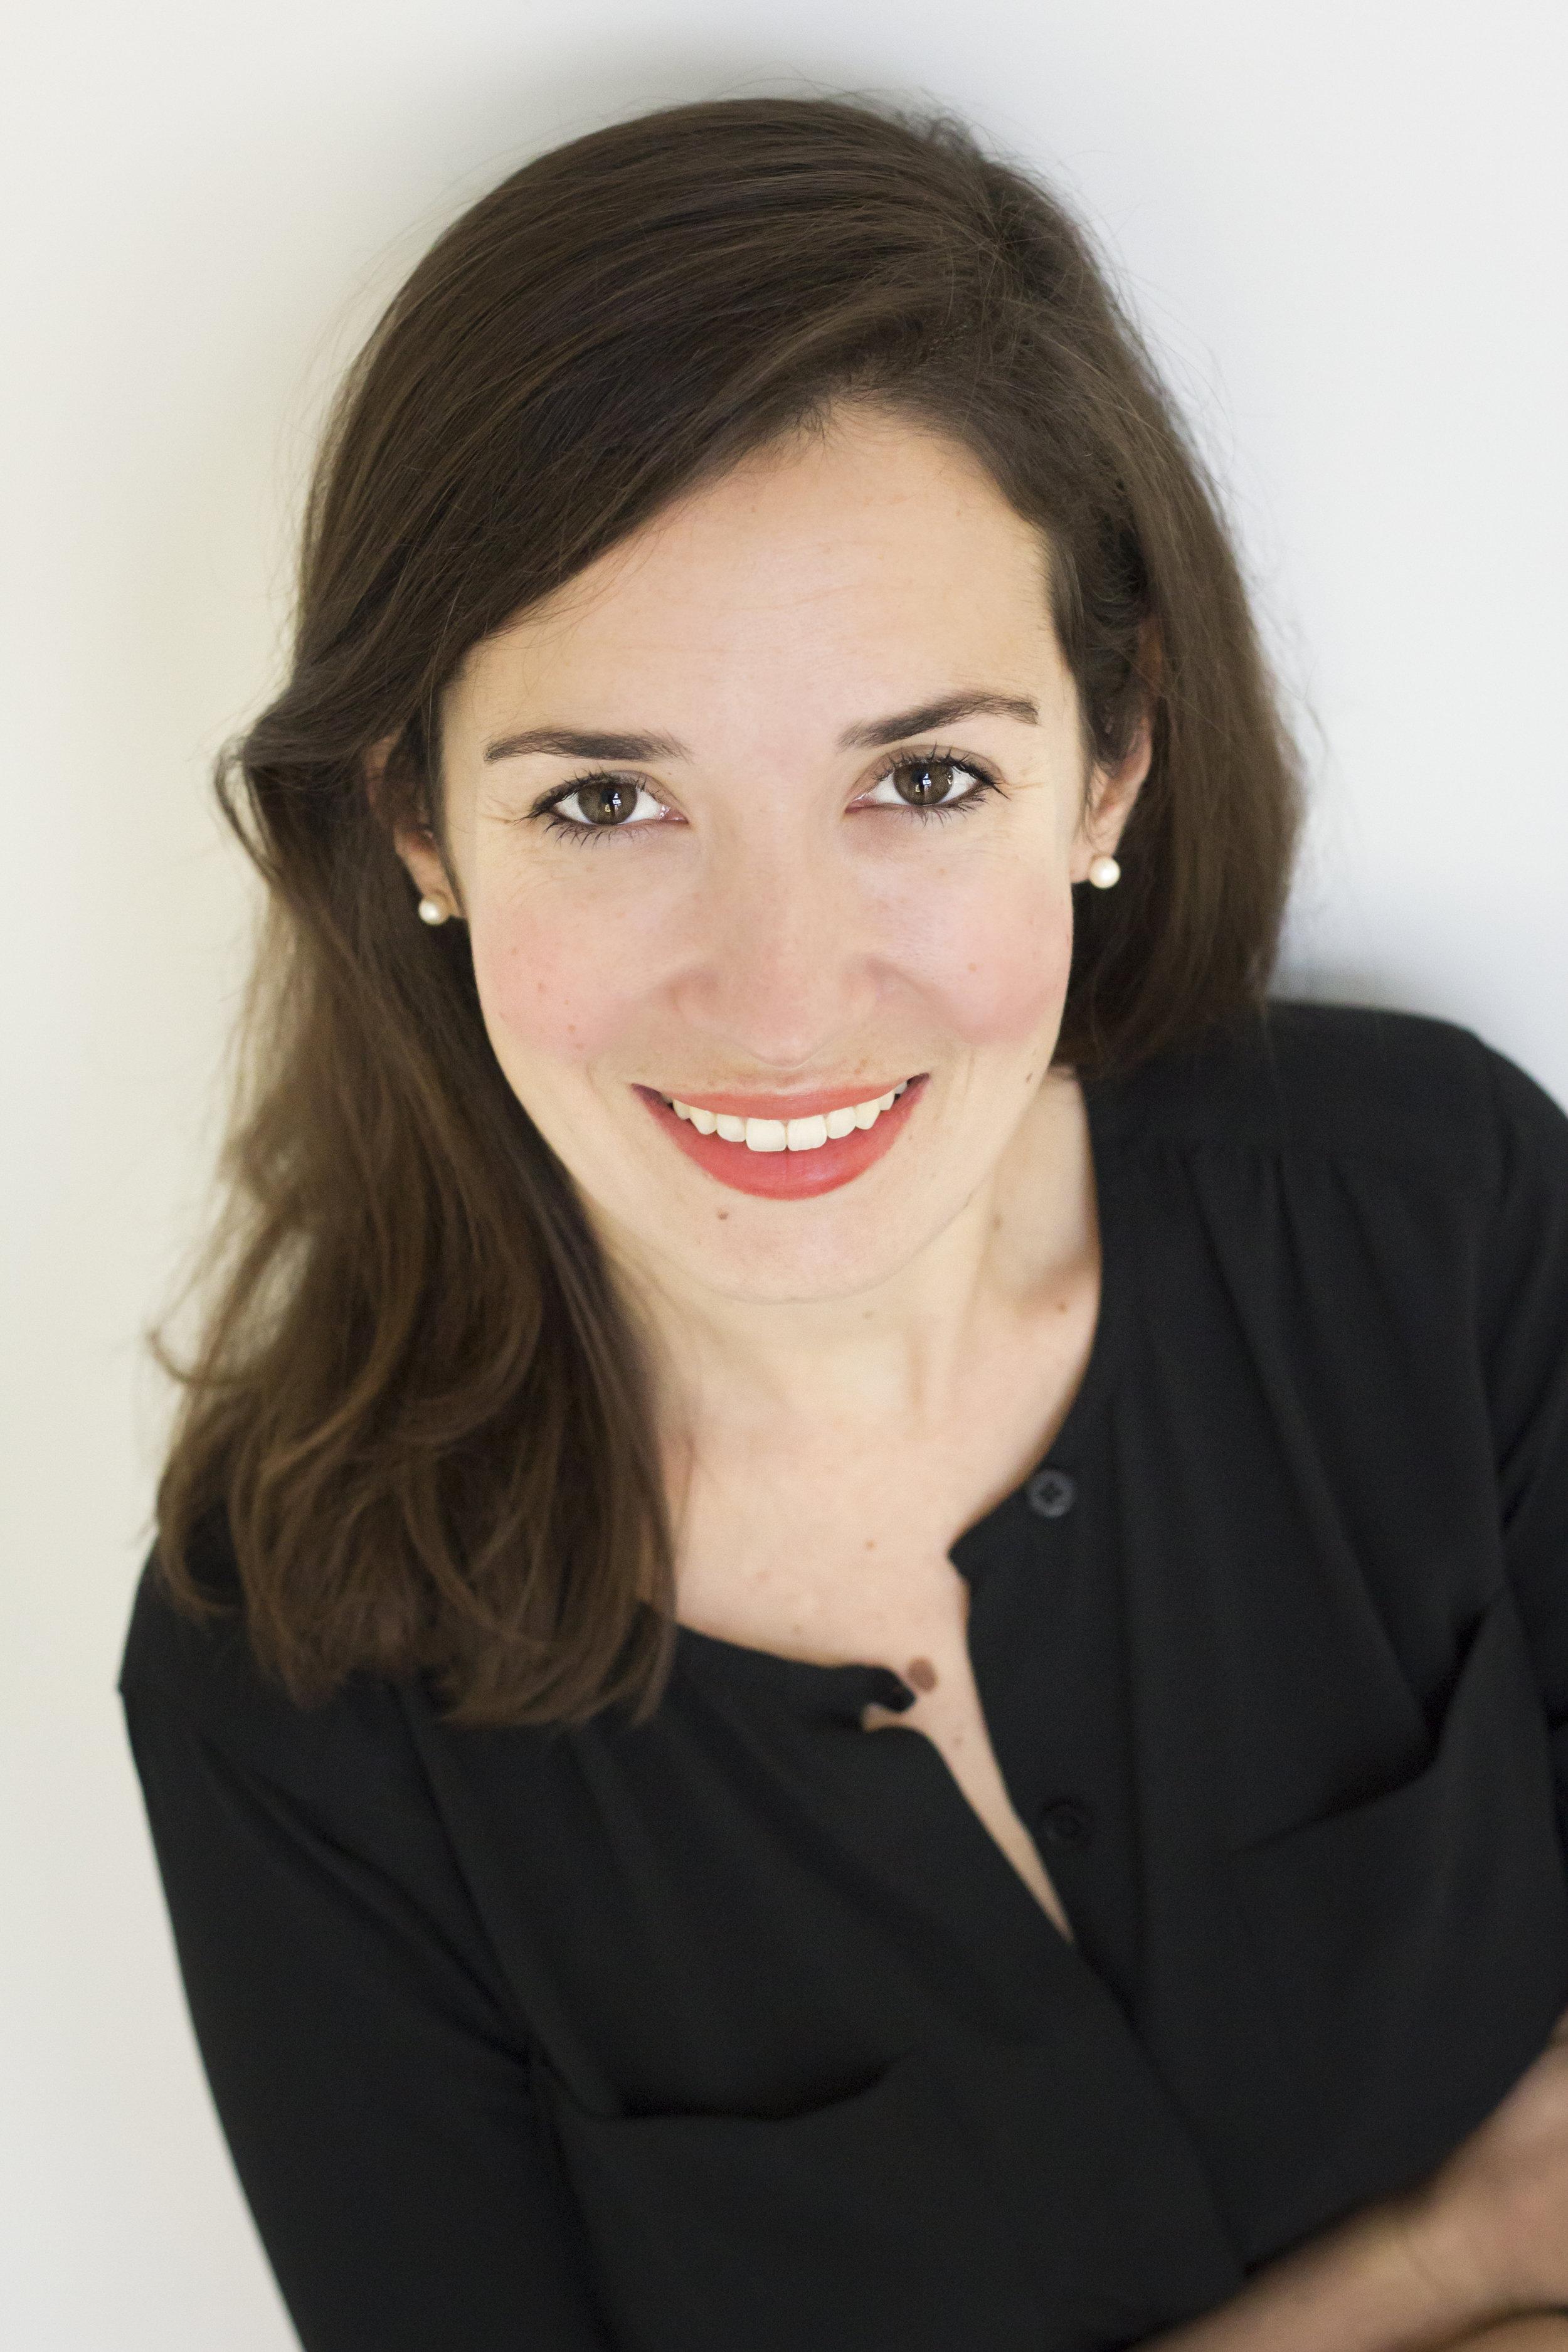 Katie O'Brien